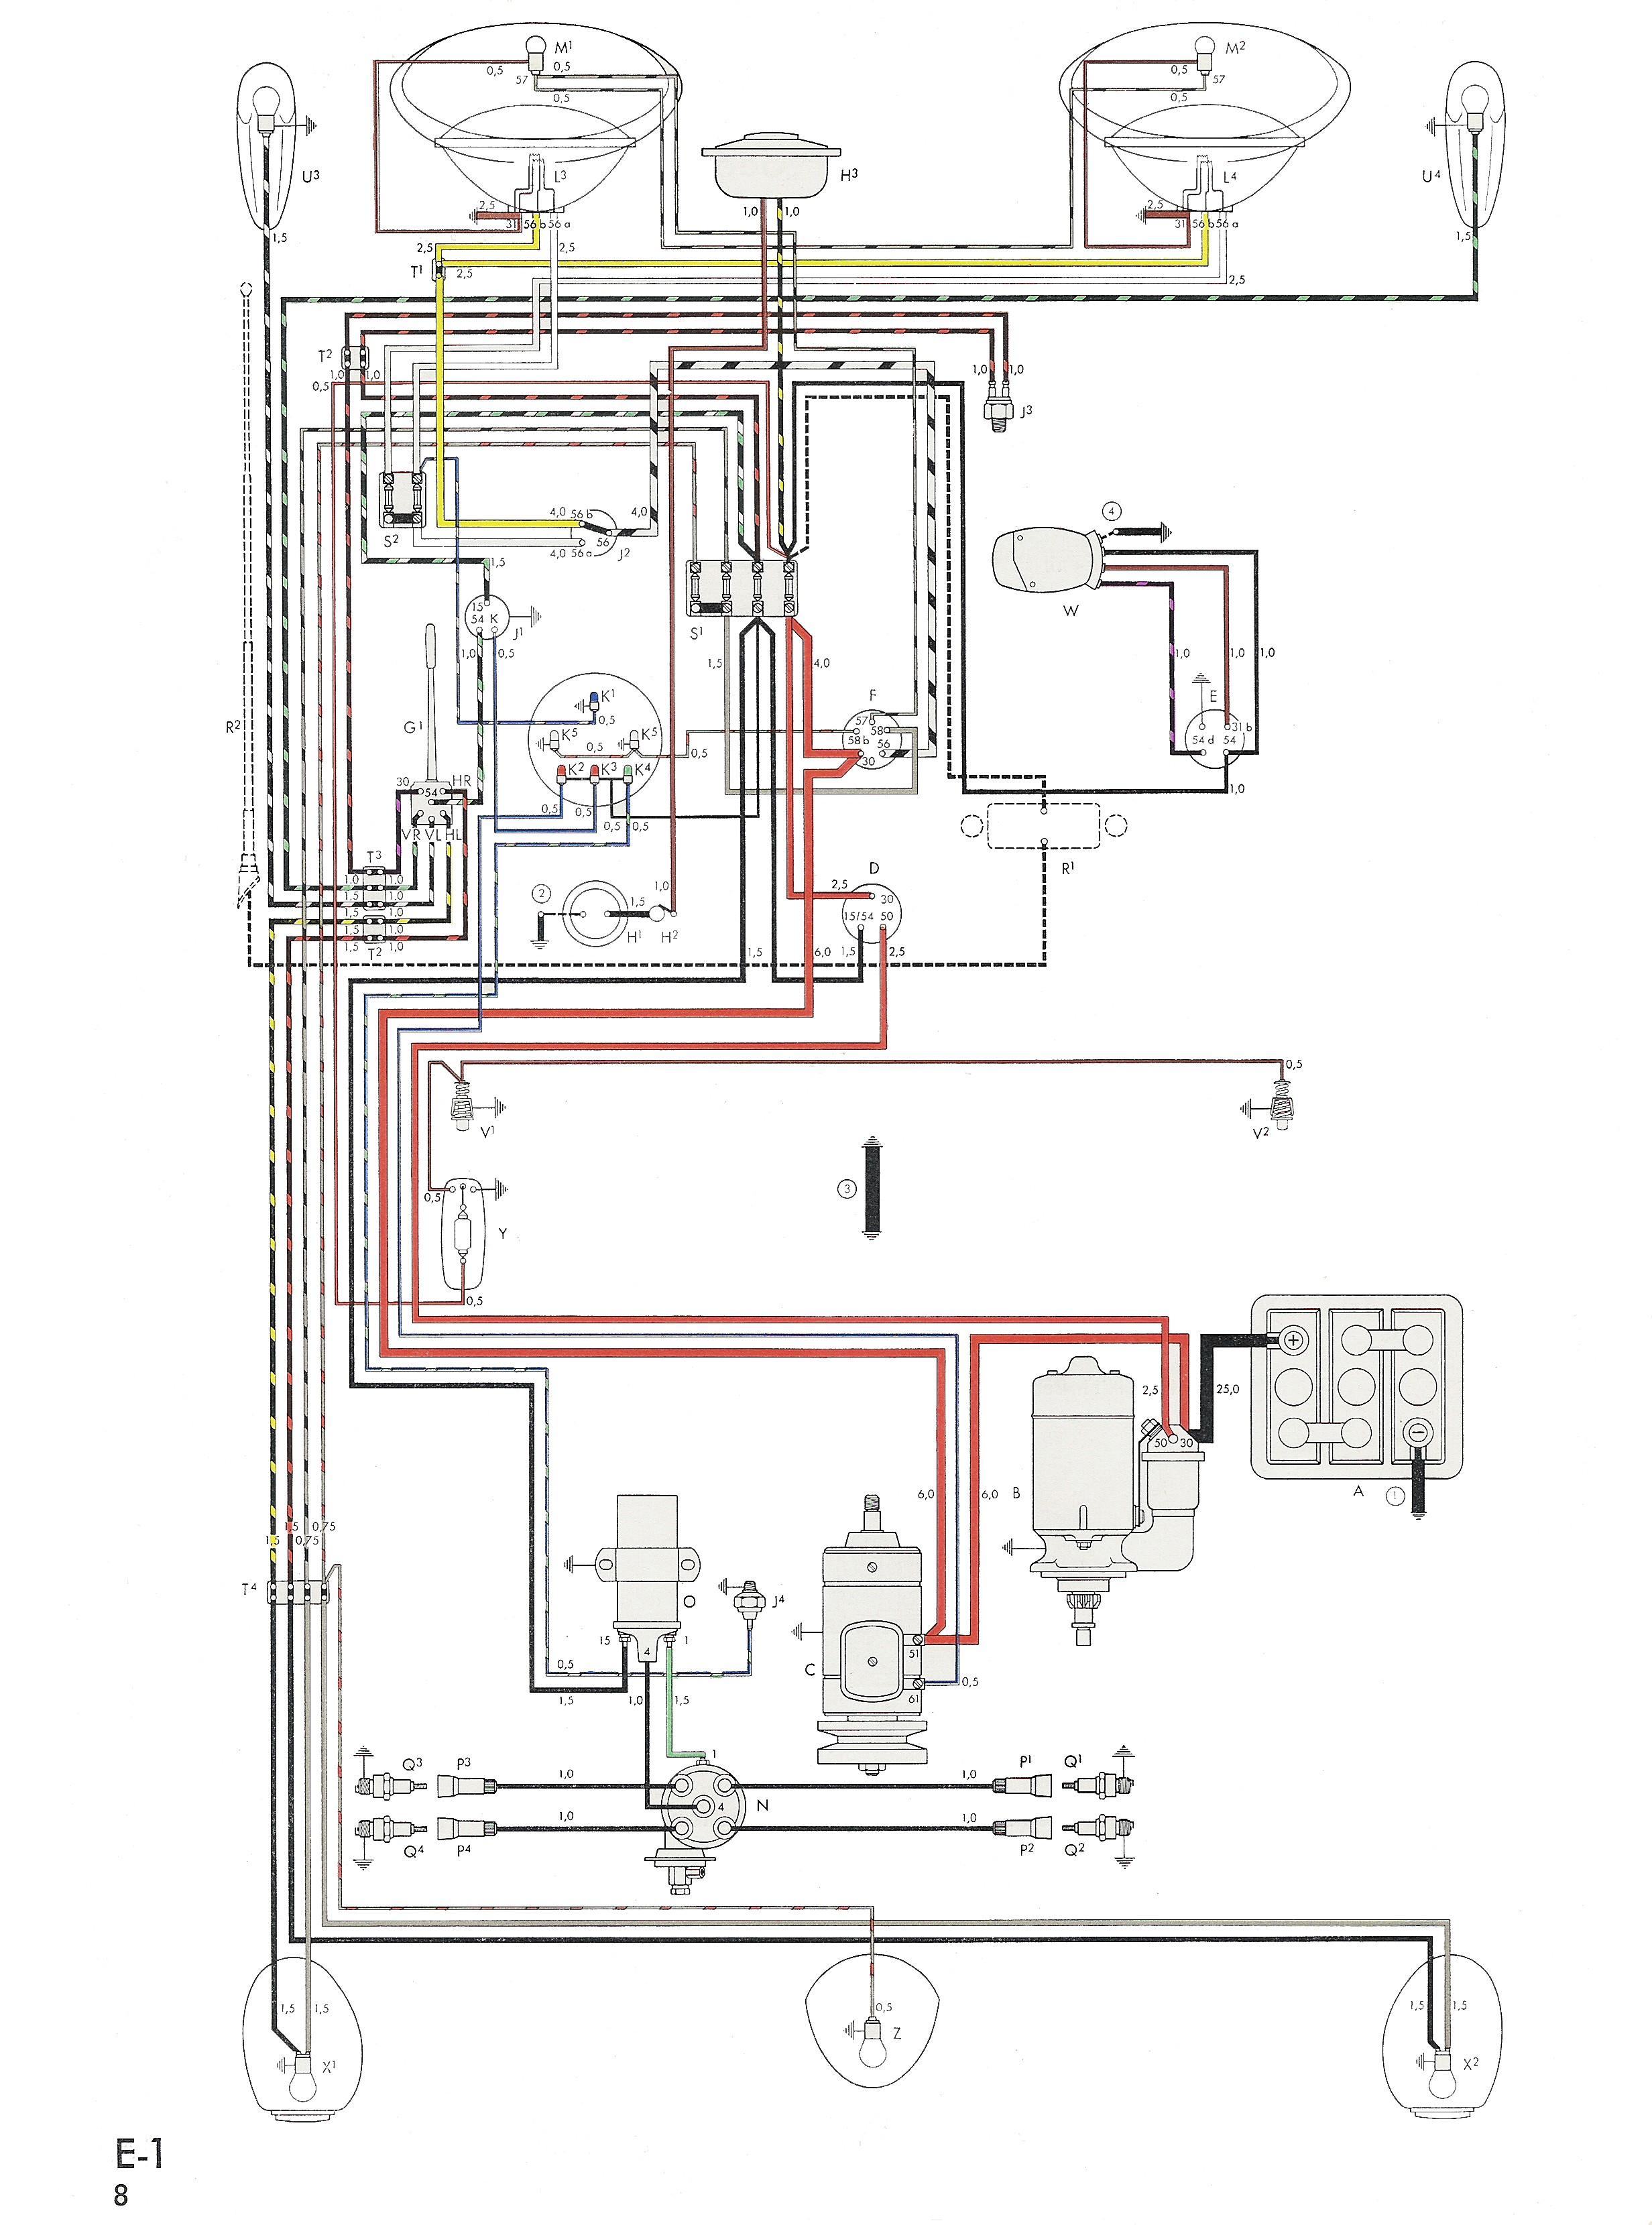 2000 vw beetle parts diagram free auto wiring diagram 1971 vw beetle rh detoxicrecenze com 1973 Super Beetle Wiring Diagram 1972 VW Beetle Fuse Box Diagram